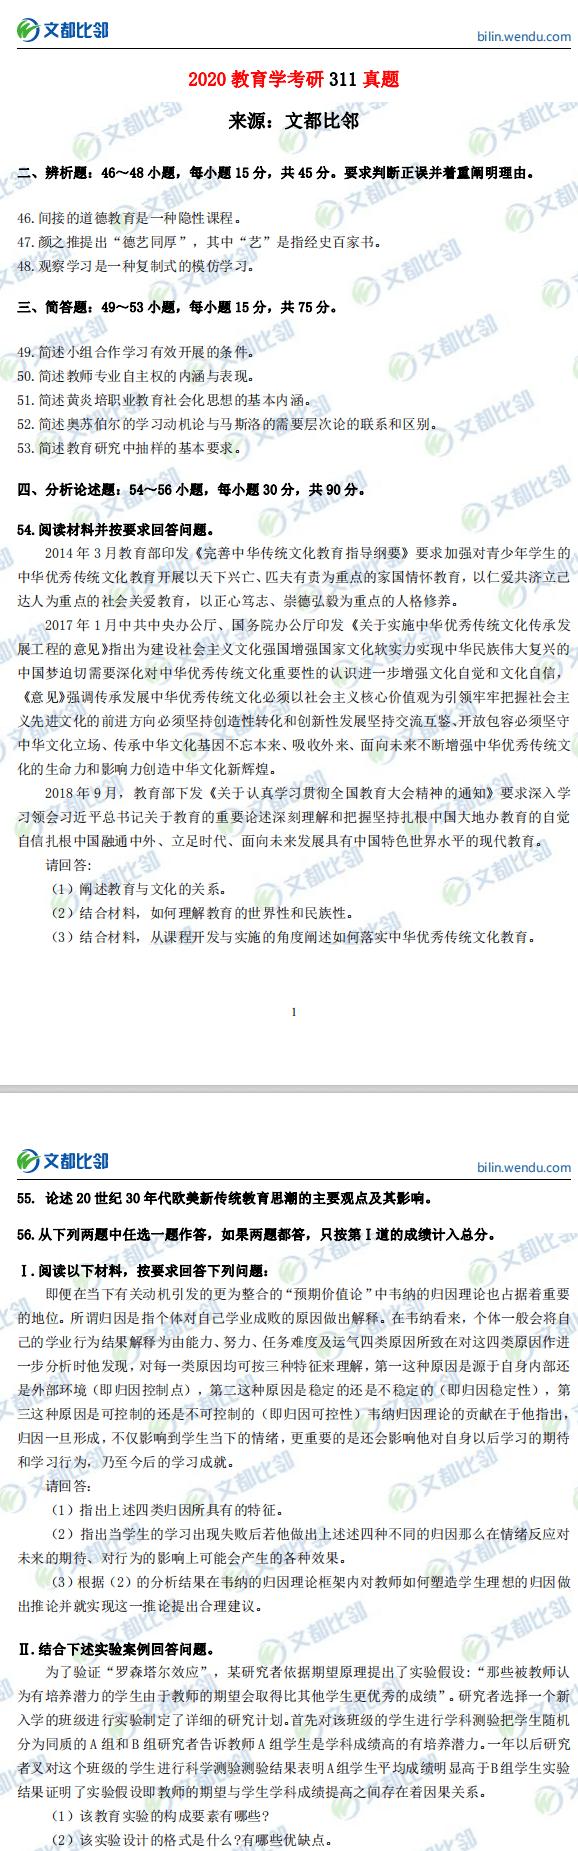 2020教育学考研311真题